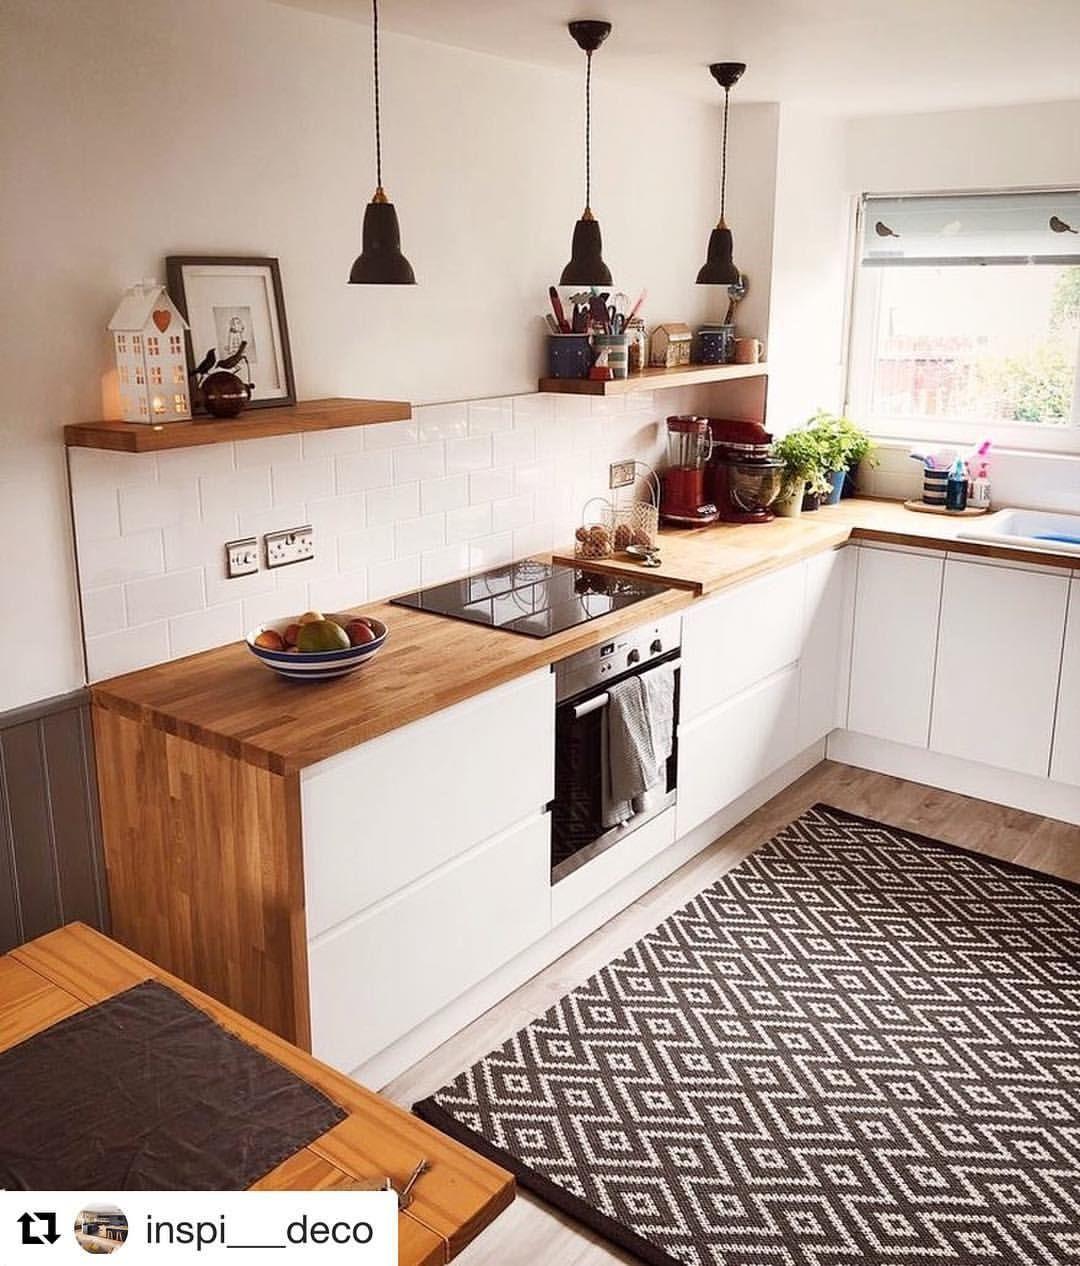 Kuchnia Bez Gornych Szafek Modern Kitchen Interiors Minimalist Kitchen Kitchen Design